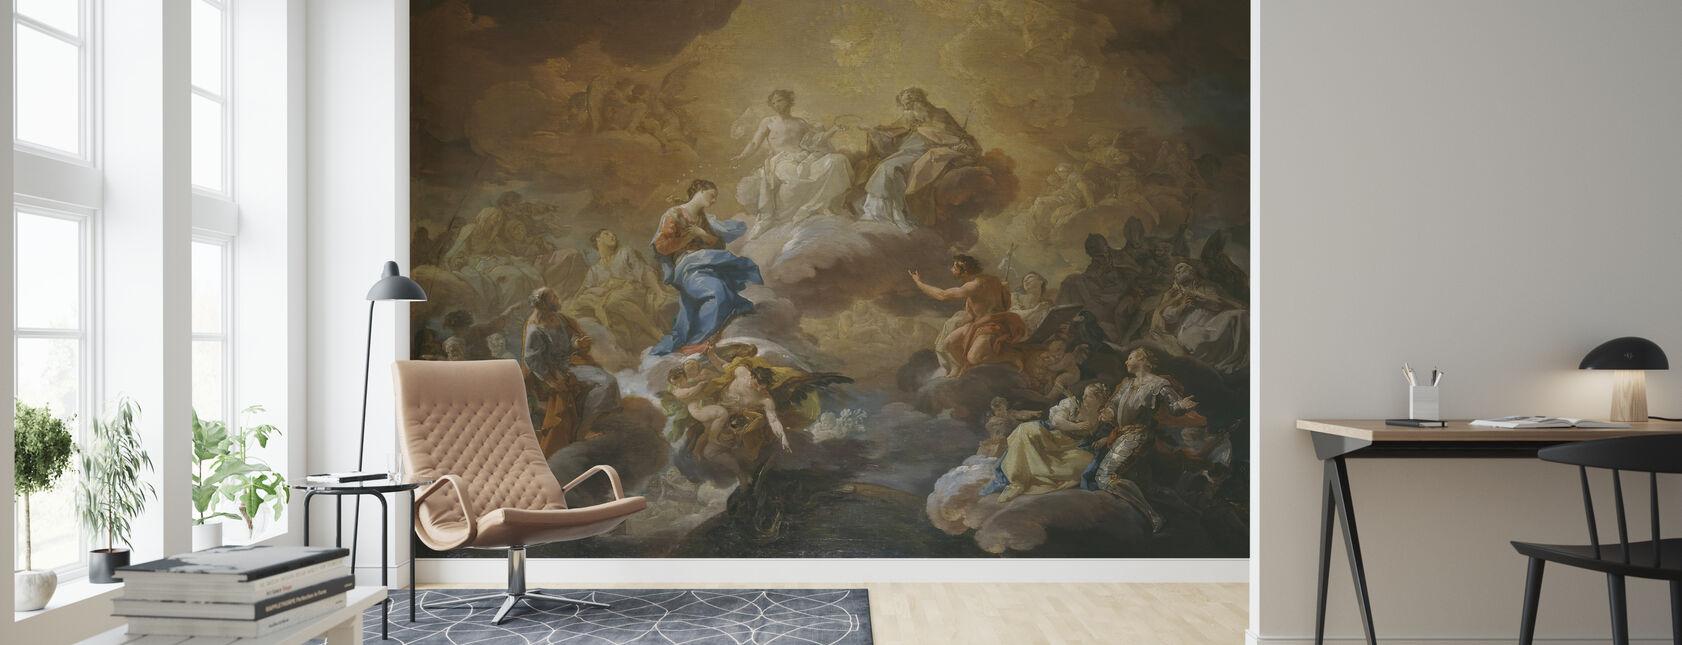 Holy Trinity - Corrado Giaquinto - Wallpaper - Living Room